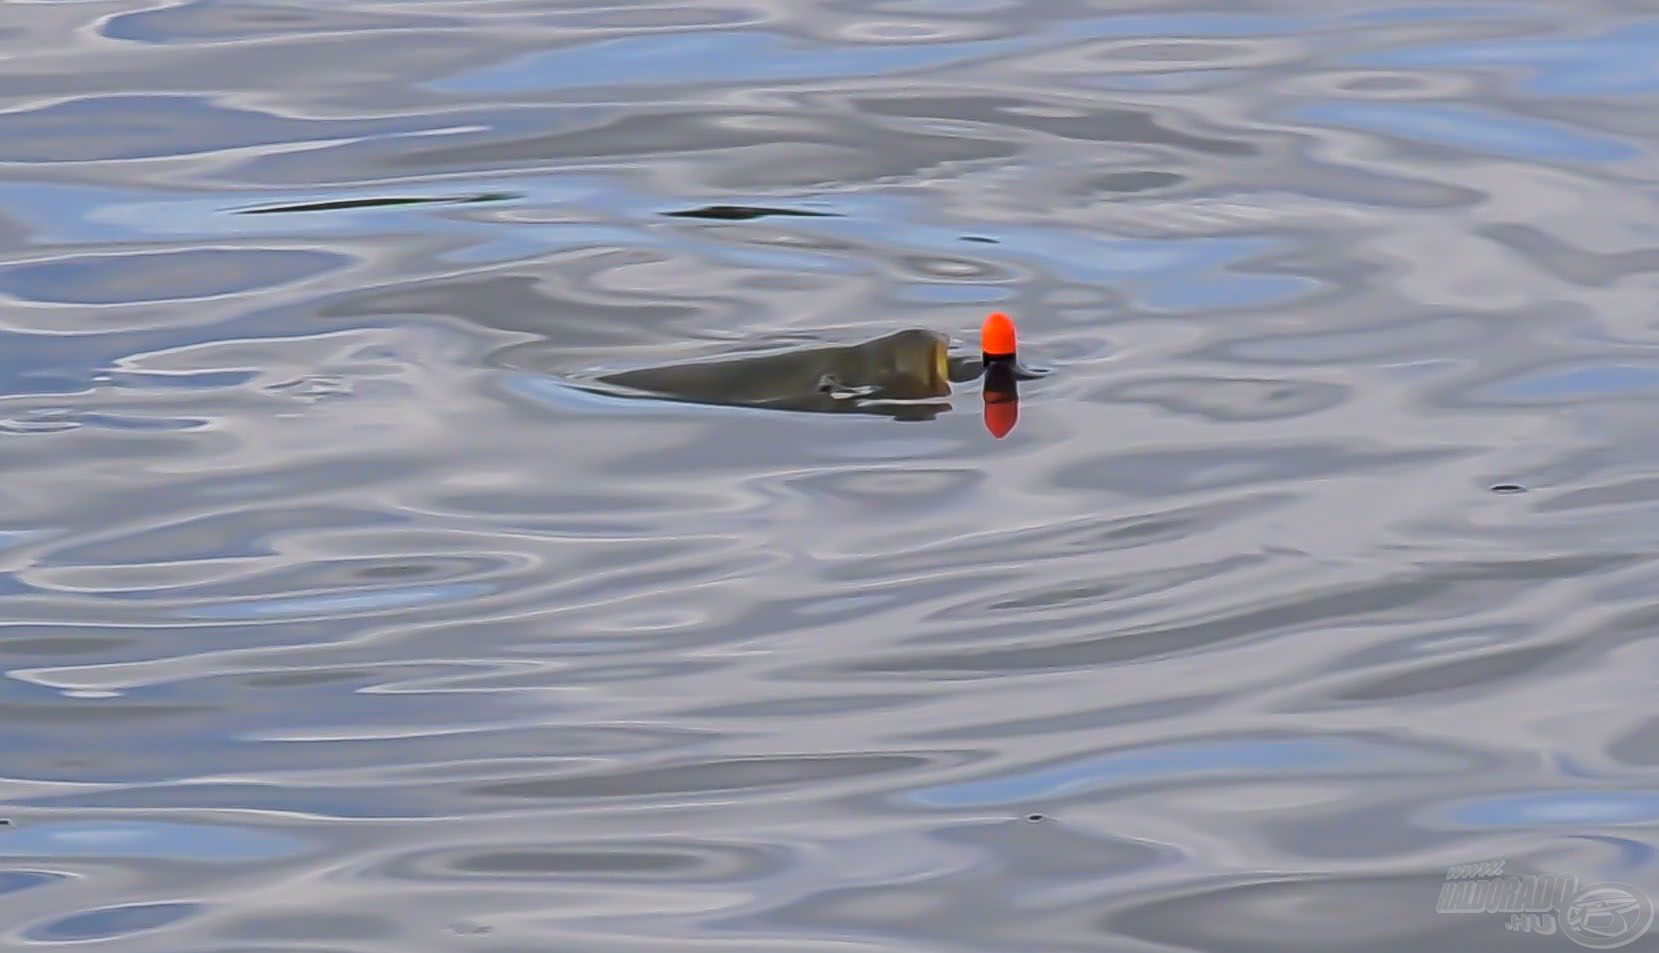 … ugyanis itt látjuk a halakat, látjuk azt a pontyot, amely bekapja a csalit! Itt éppen az úszóval ismerkedik